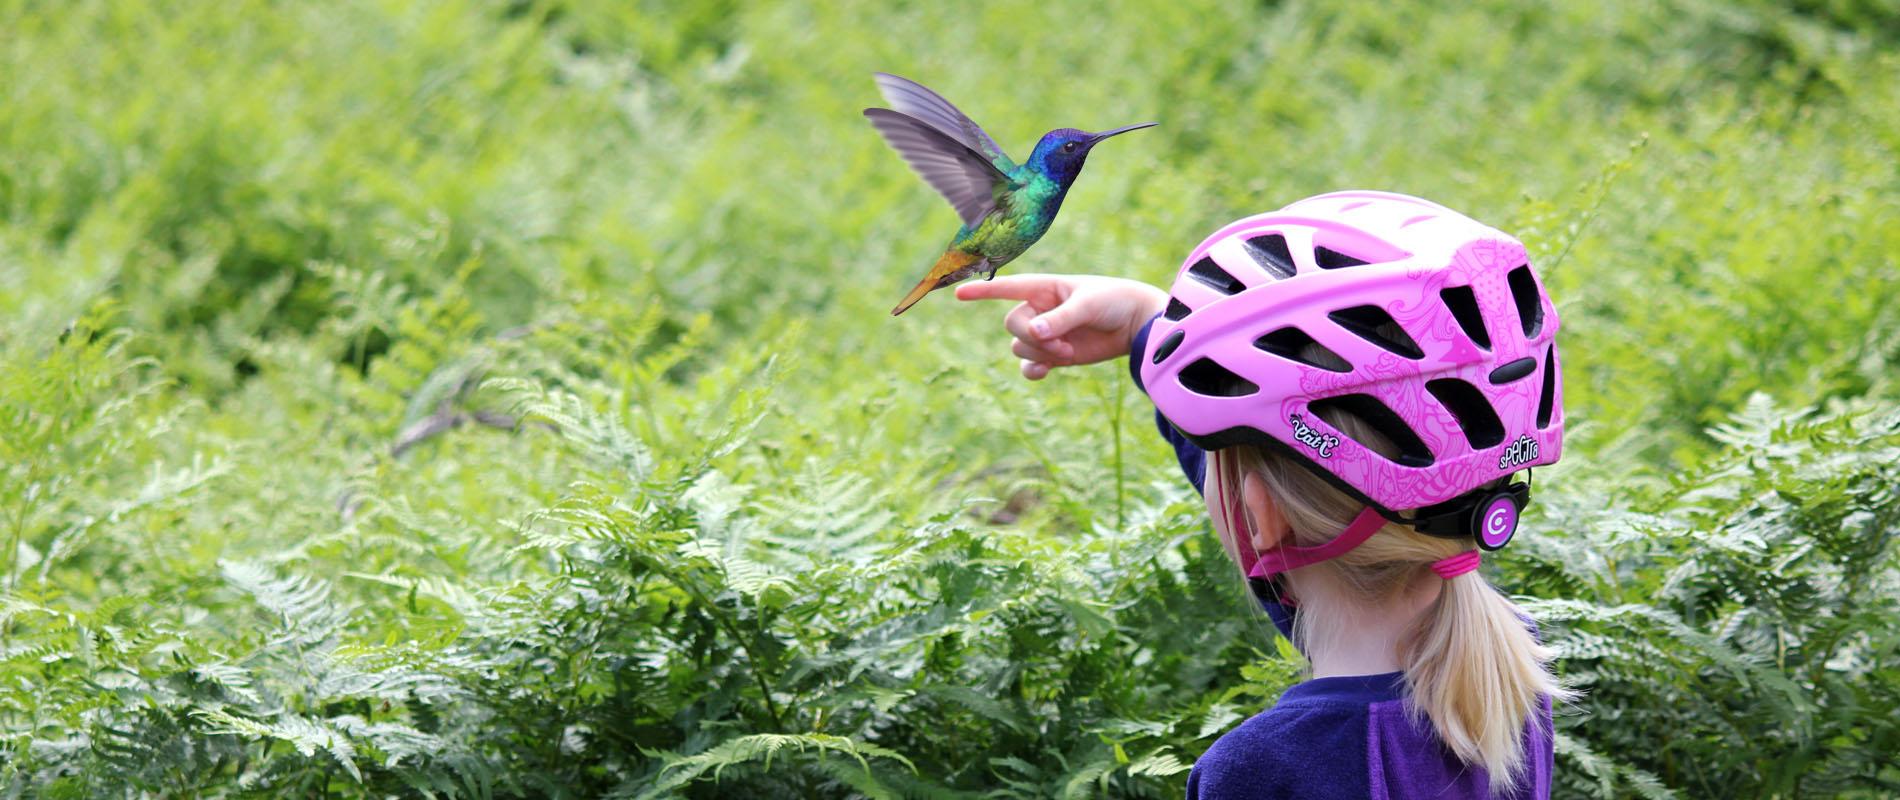 Girl with pink Spectra helmet